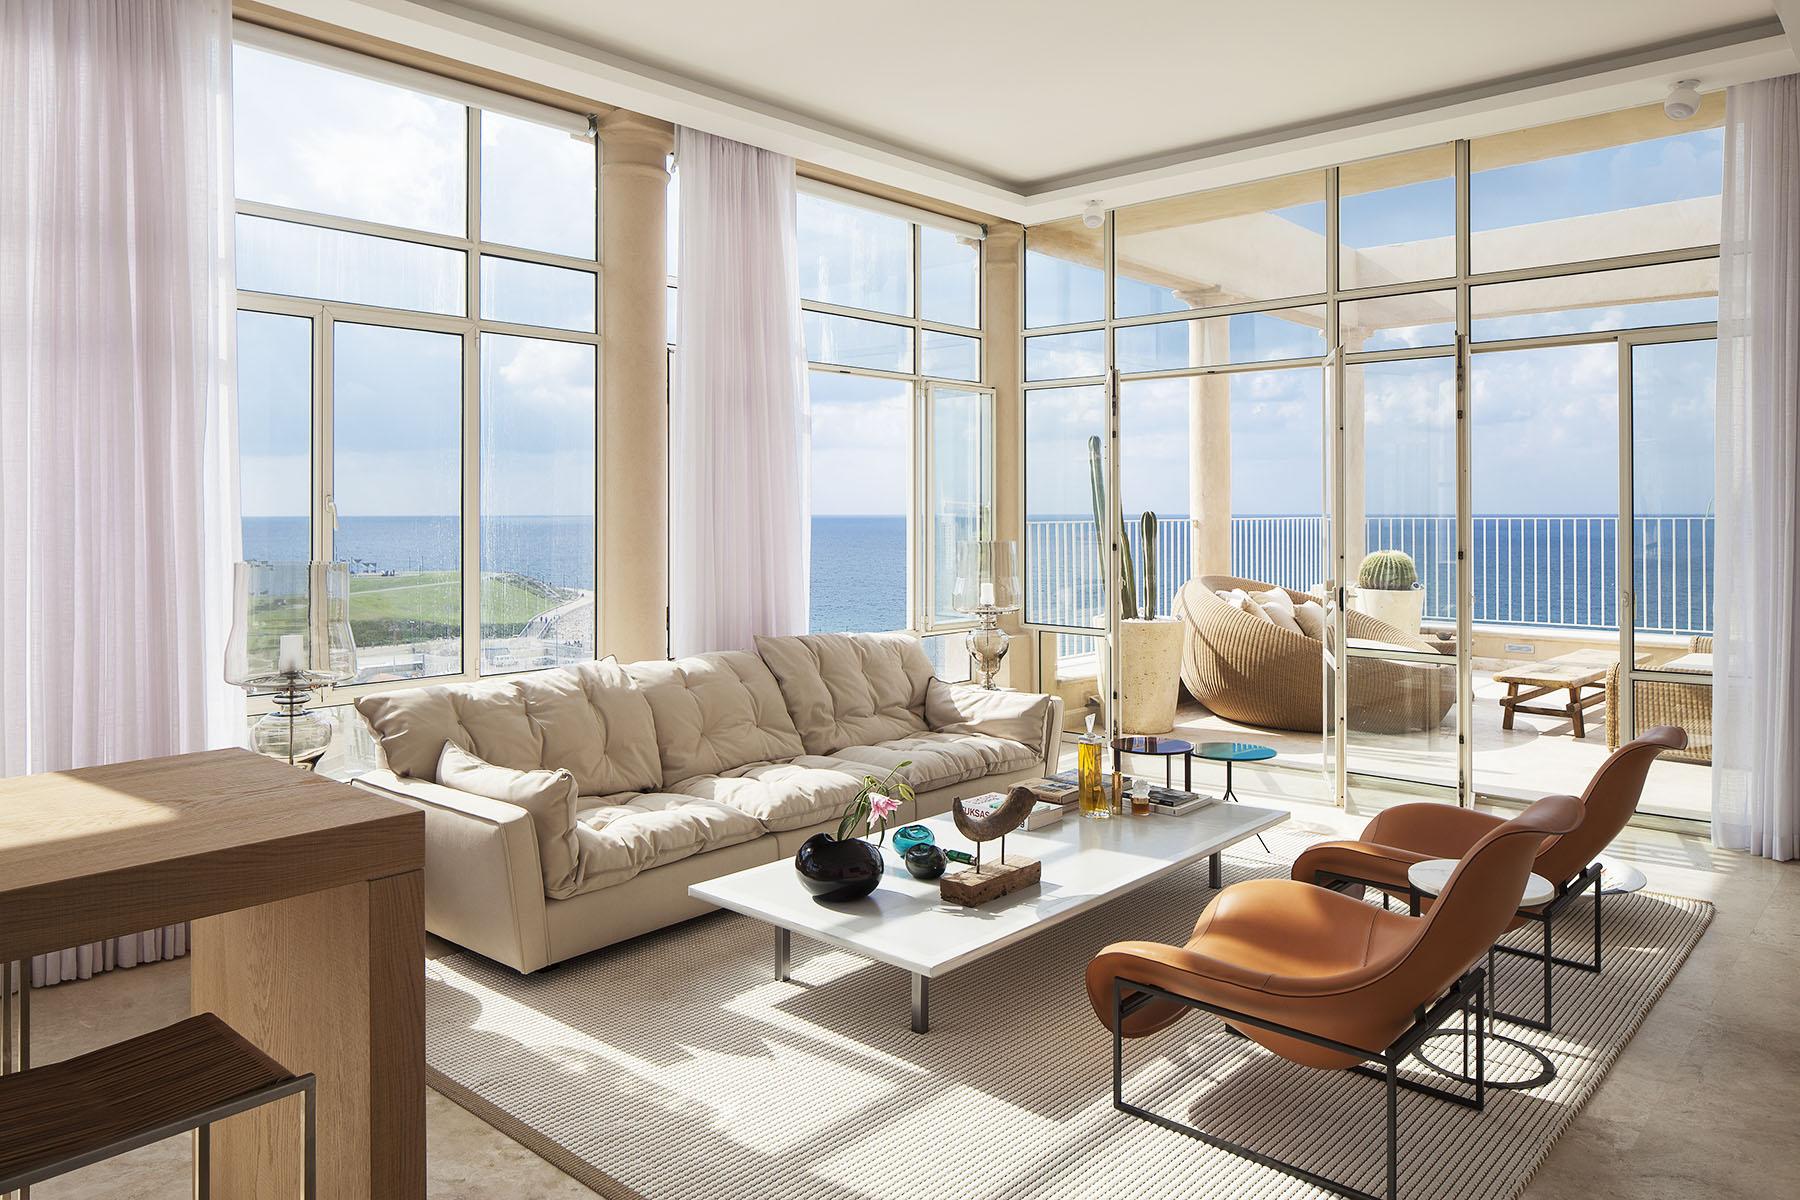 דירות יוקרה למכירה ביפו